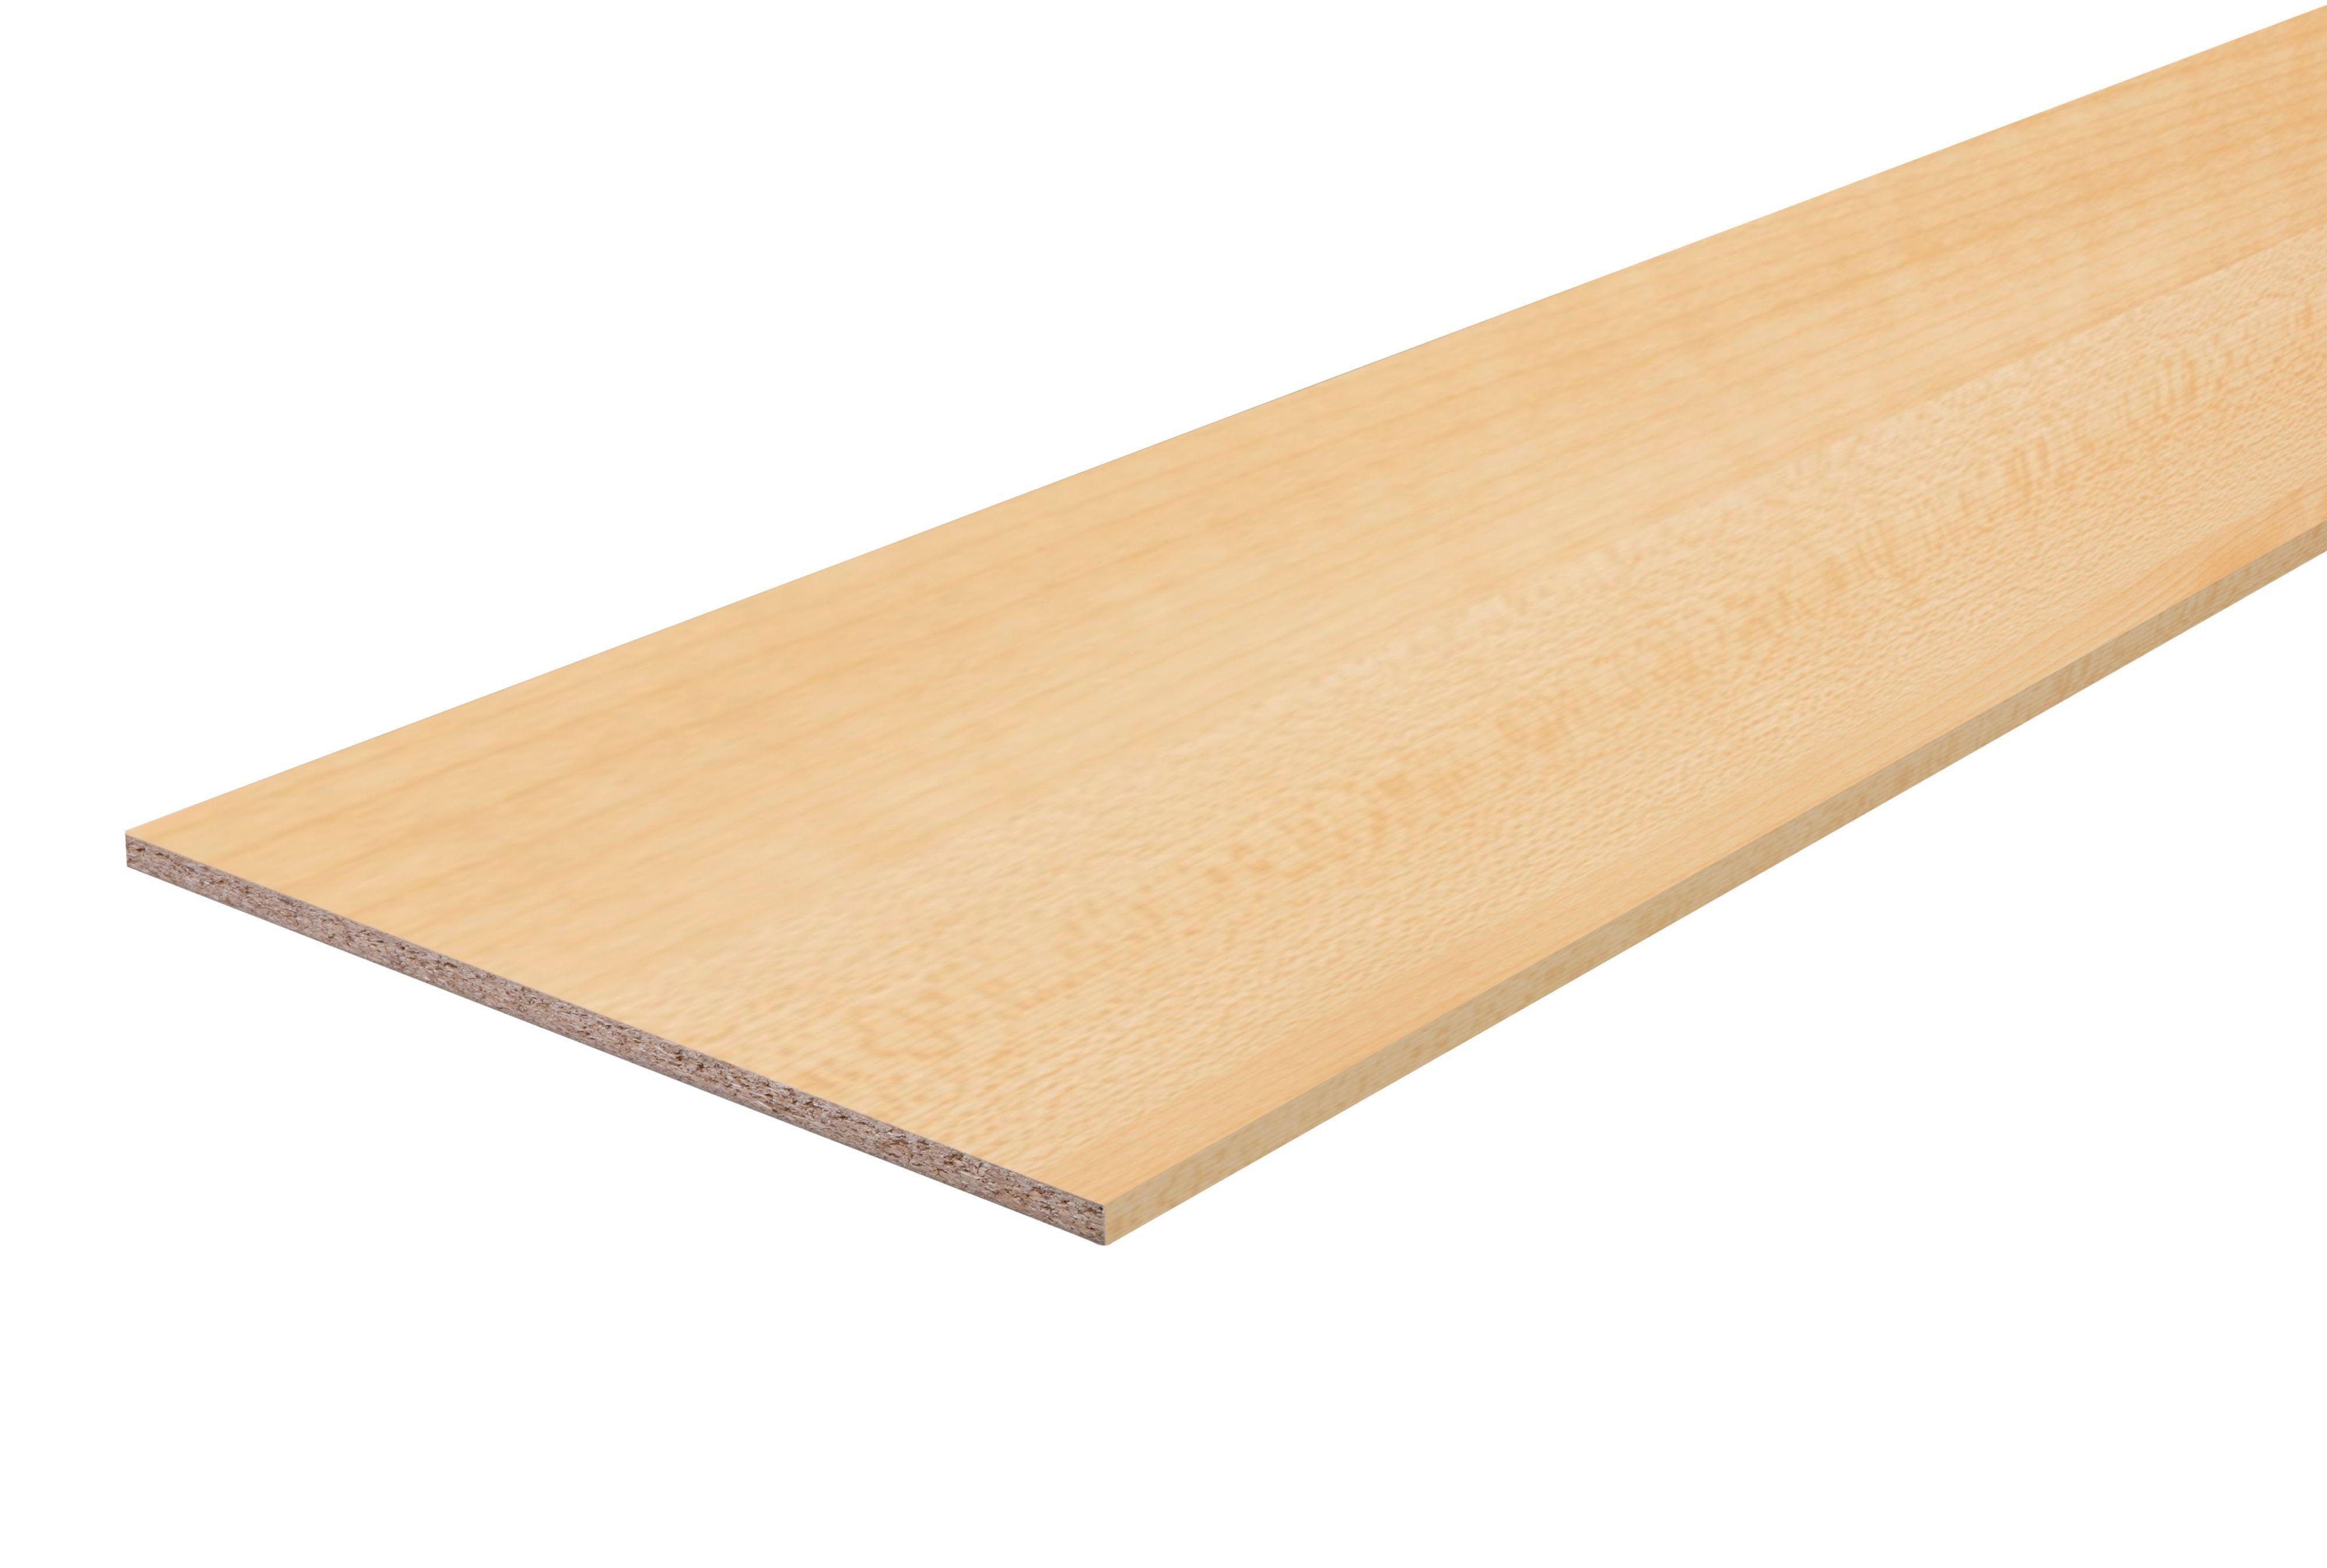 Chipboard Maple Furniture Board L 2500mm W 300mm T 18mm